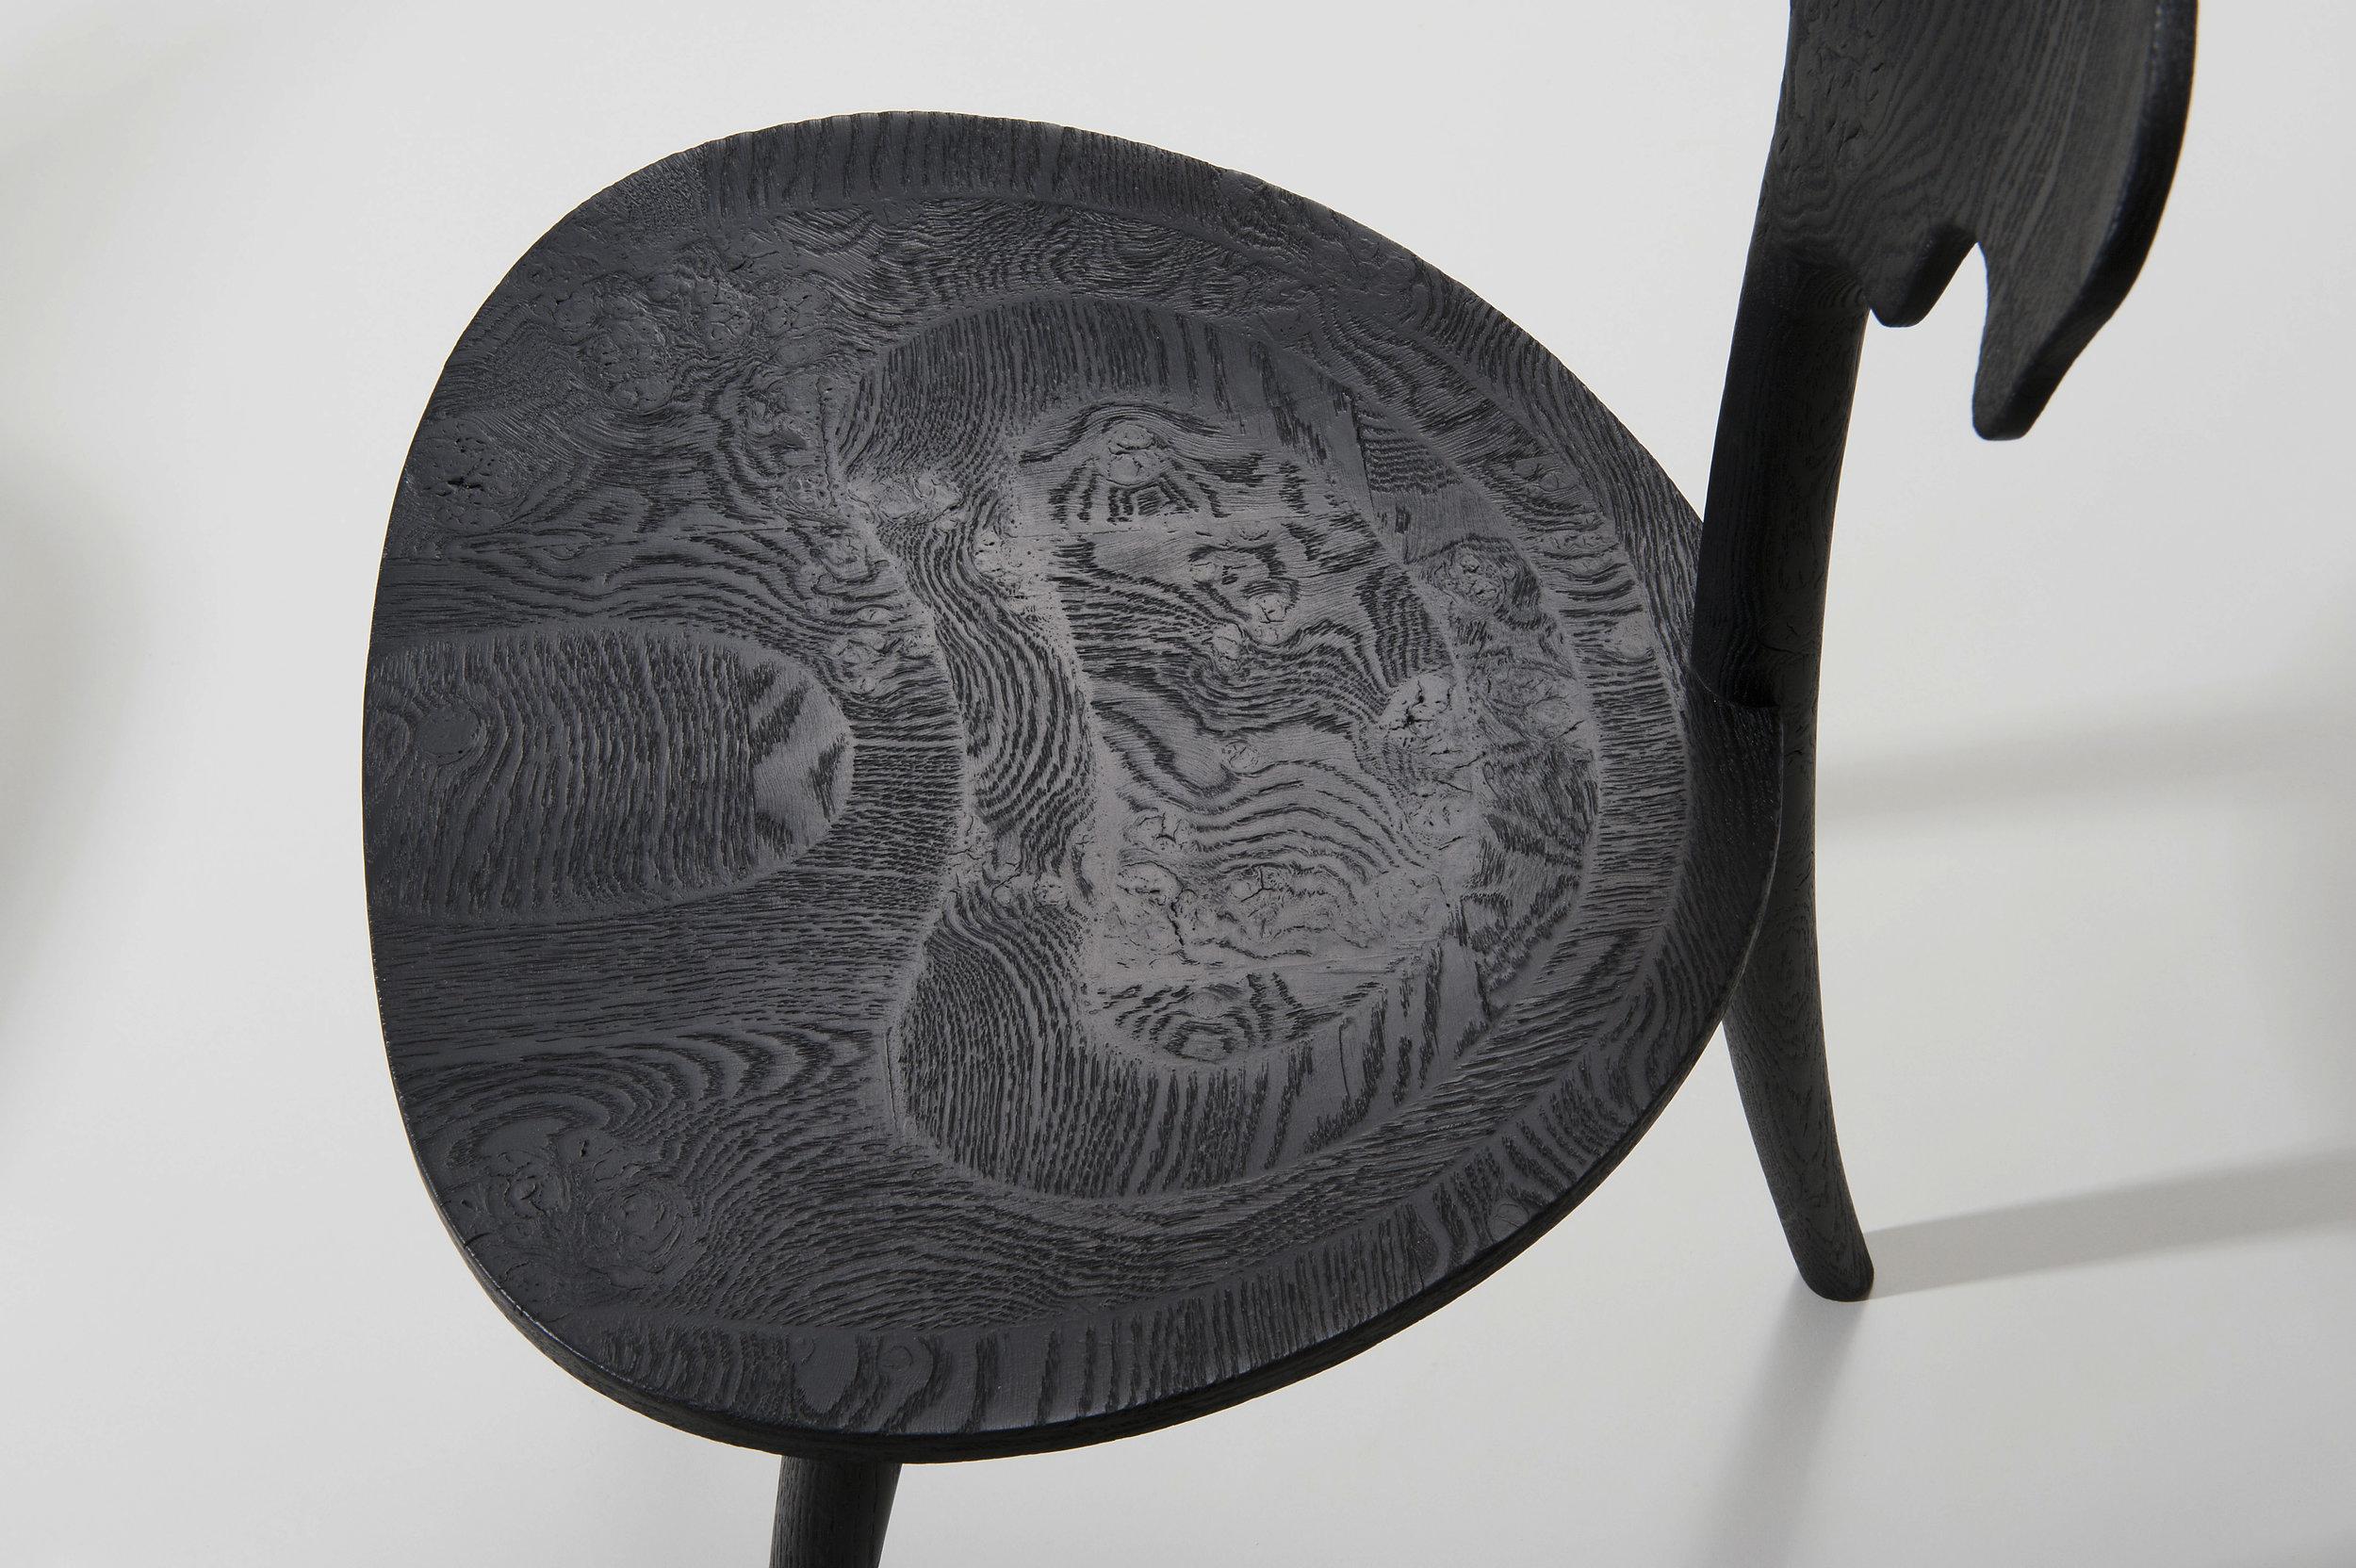 Trine Chair, 2017 (detail)